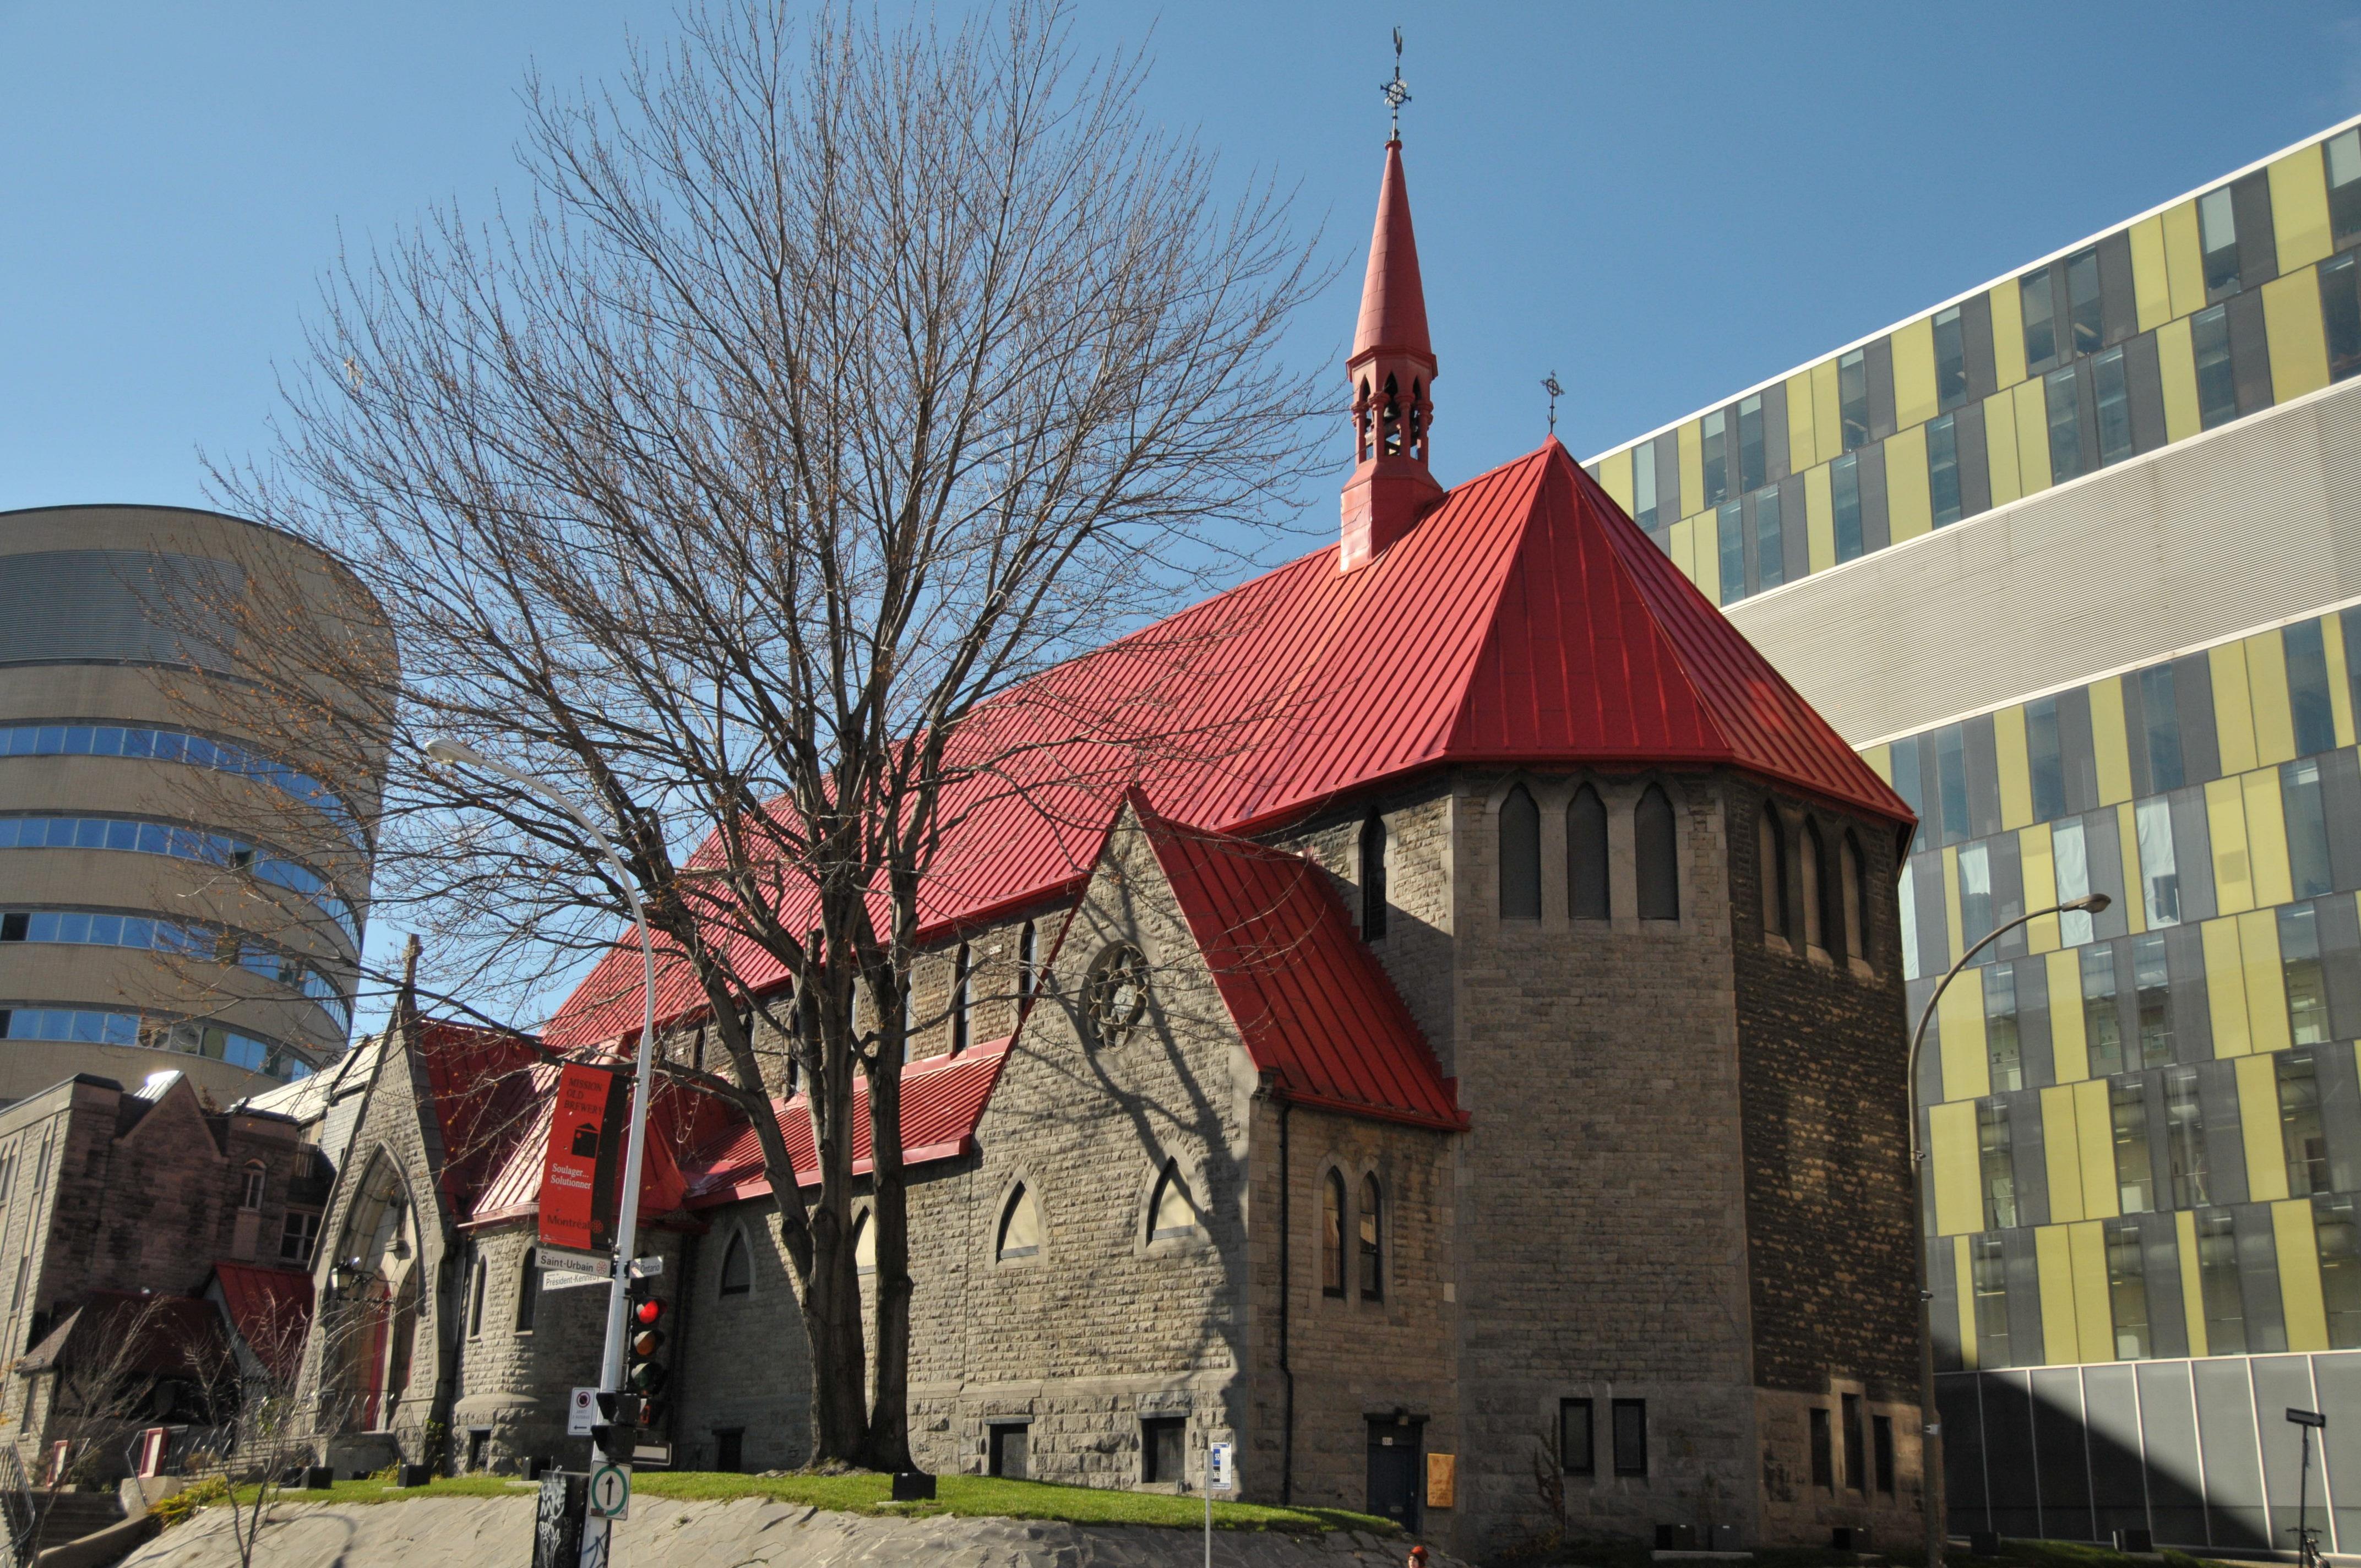 File:Eglise St. Urbain (5184226069).jpg - Wikimedia Commons